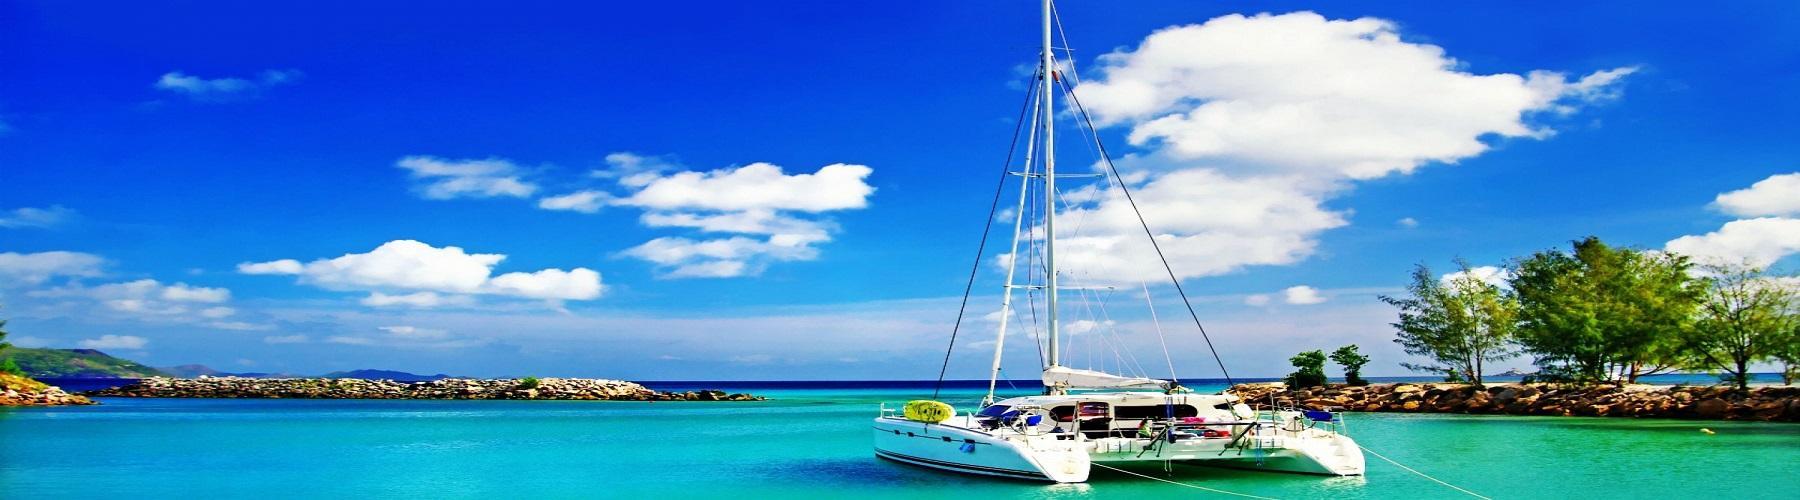 Сейшелы - самостоятельное путешествие